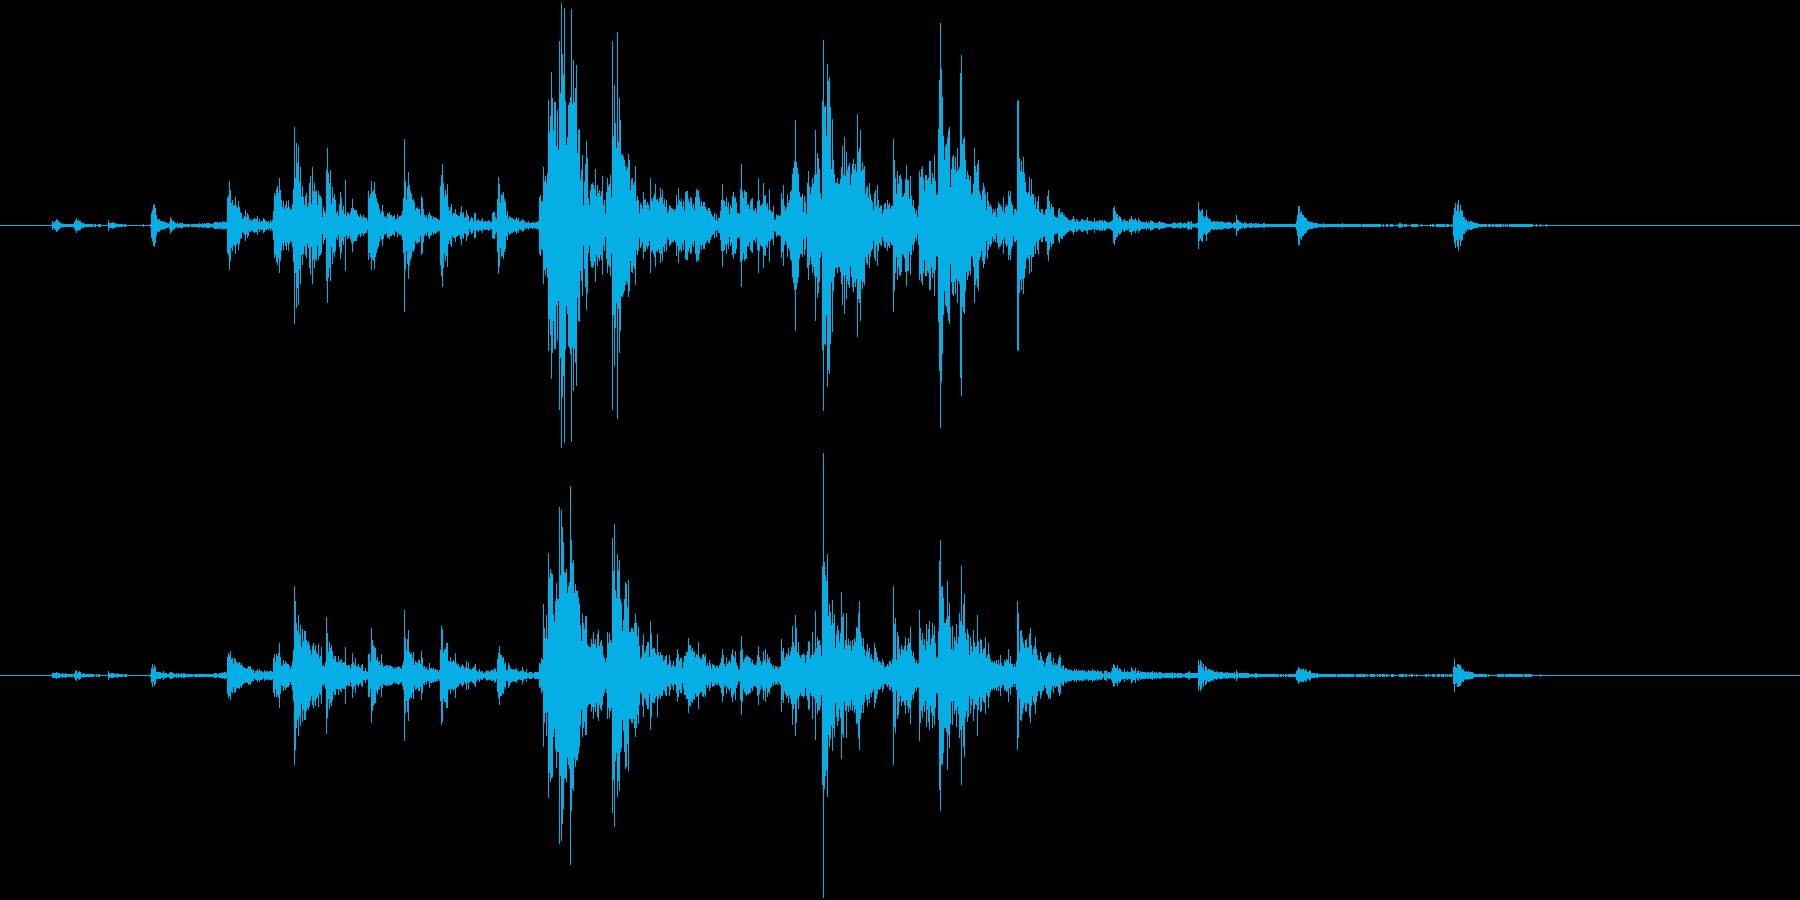 【生録音】ハンガーの音 2 かき分けるの再生済みの波形